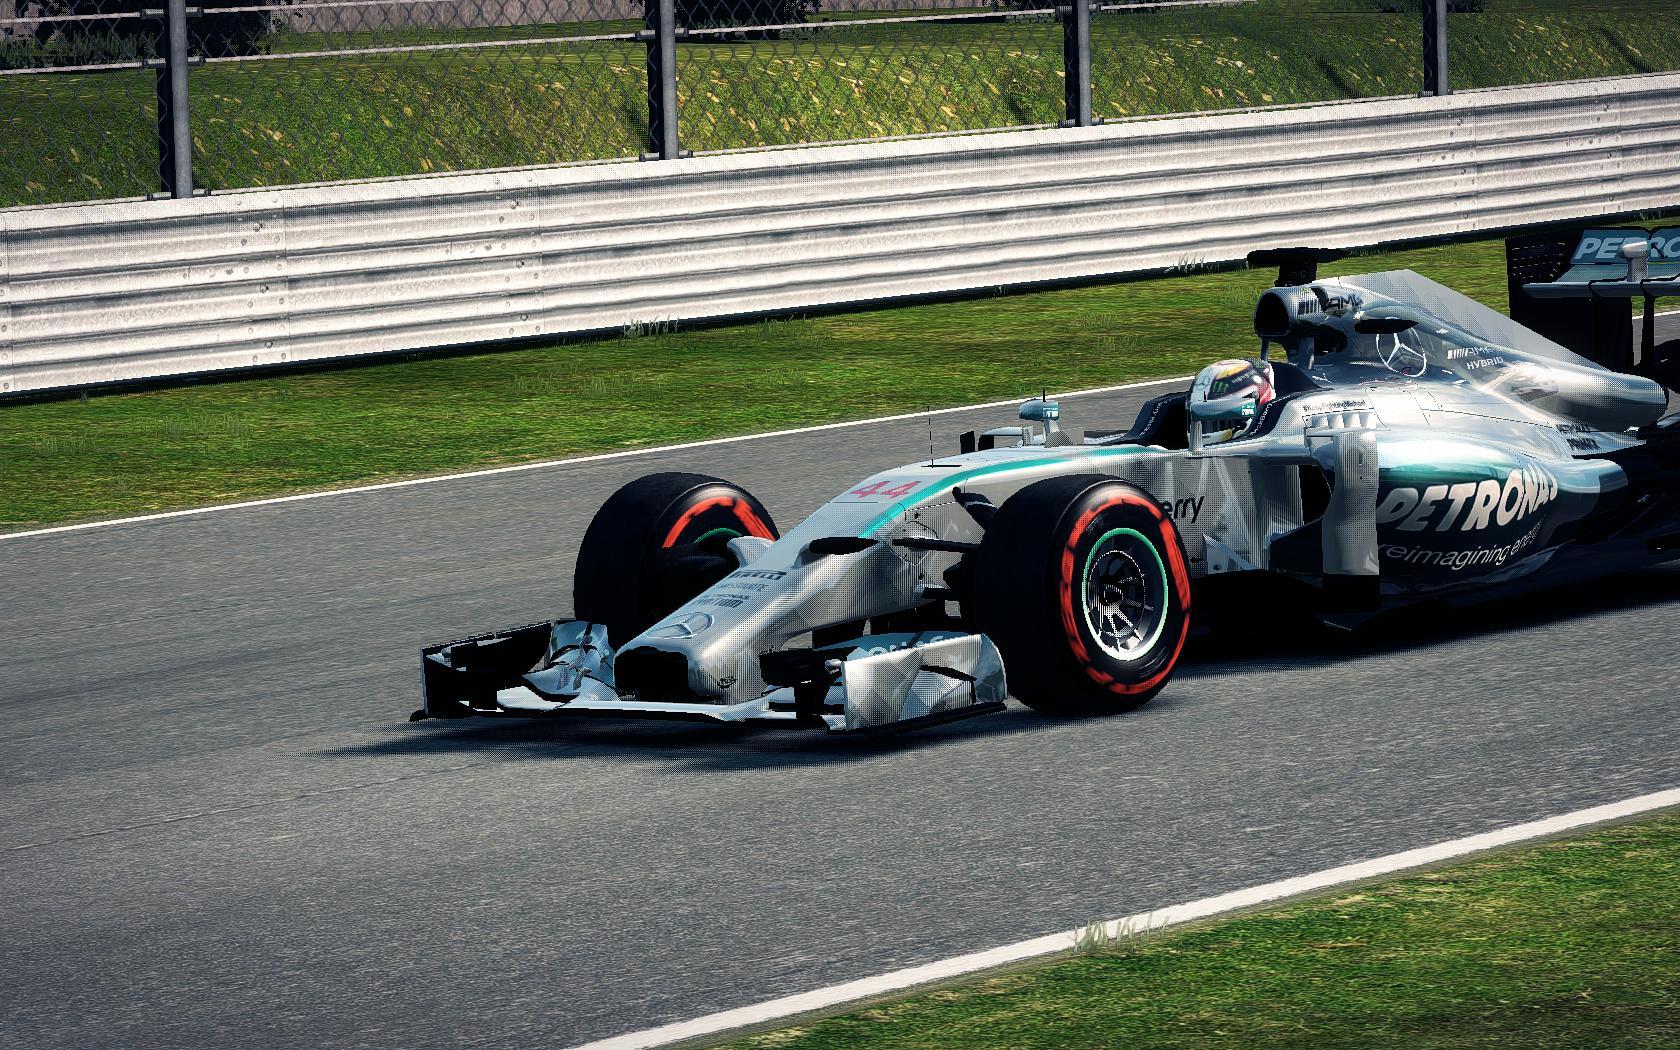 F1_2014 2014-11-22 17-49-50-93.jpg